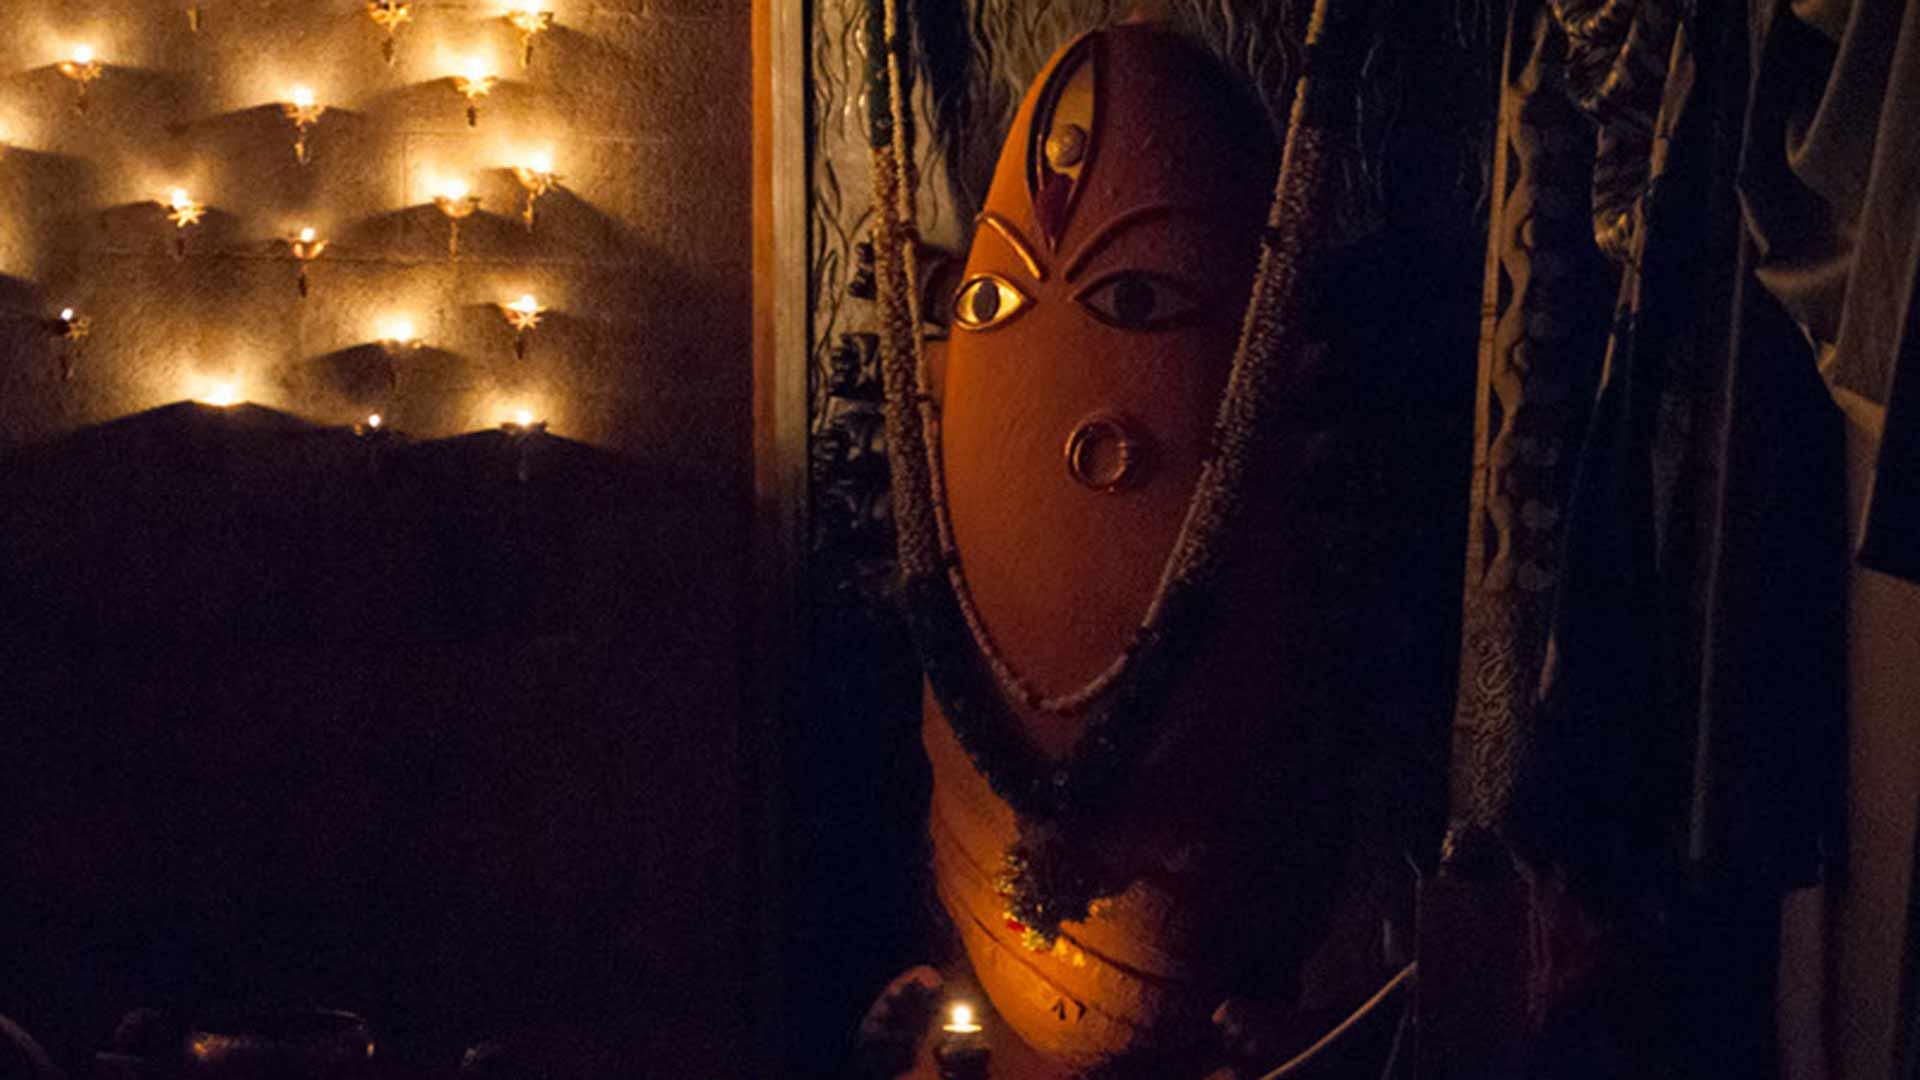 Devi女神是个活生生的存在